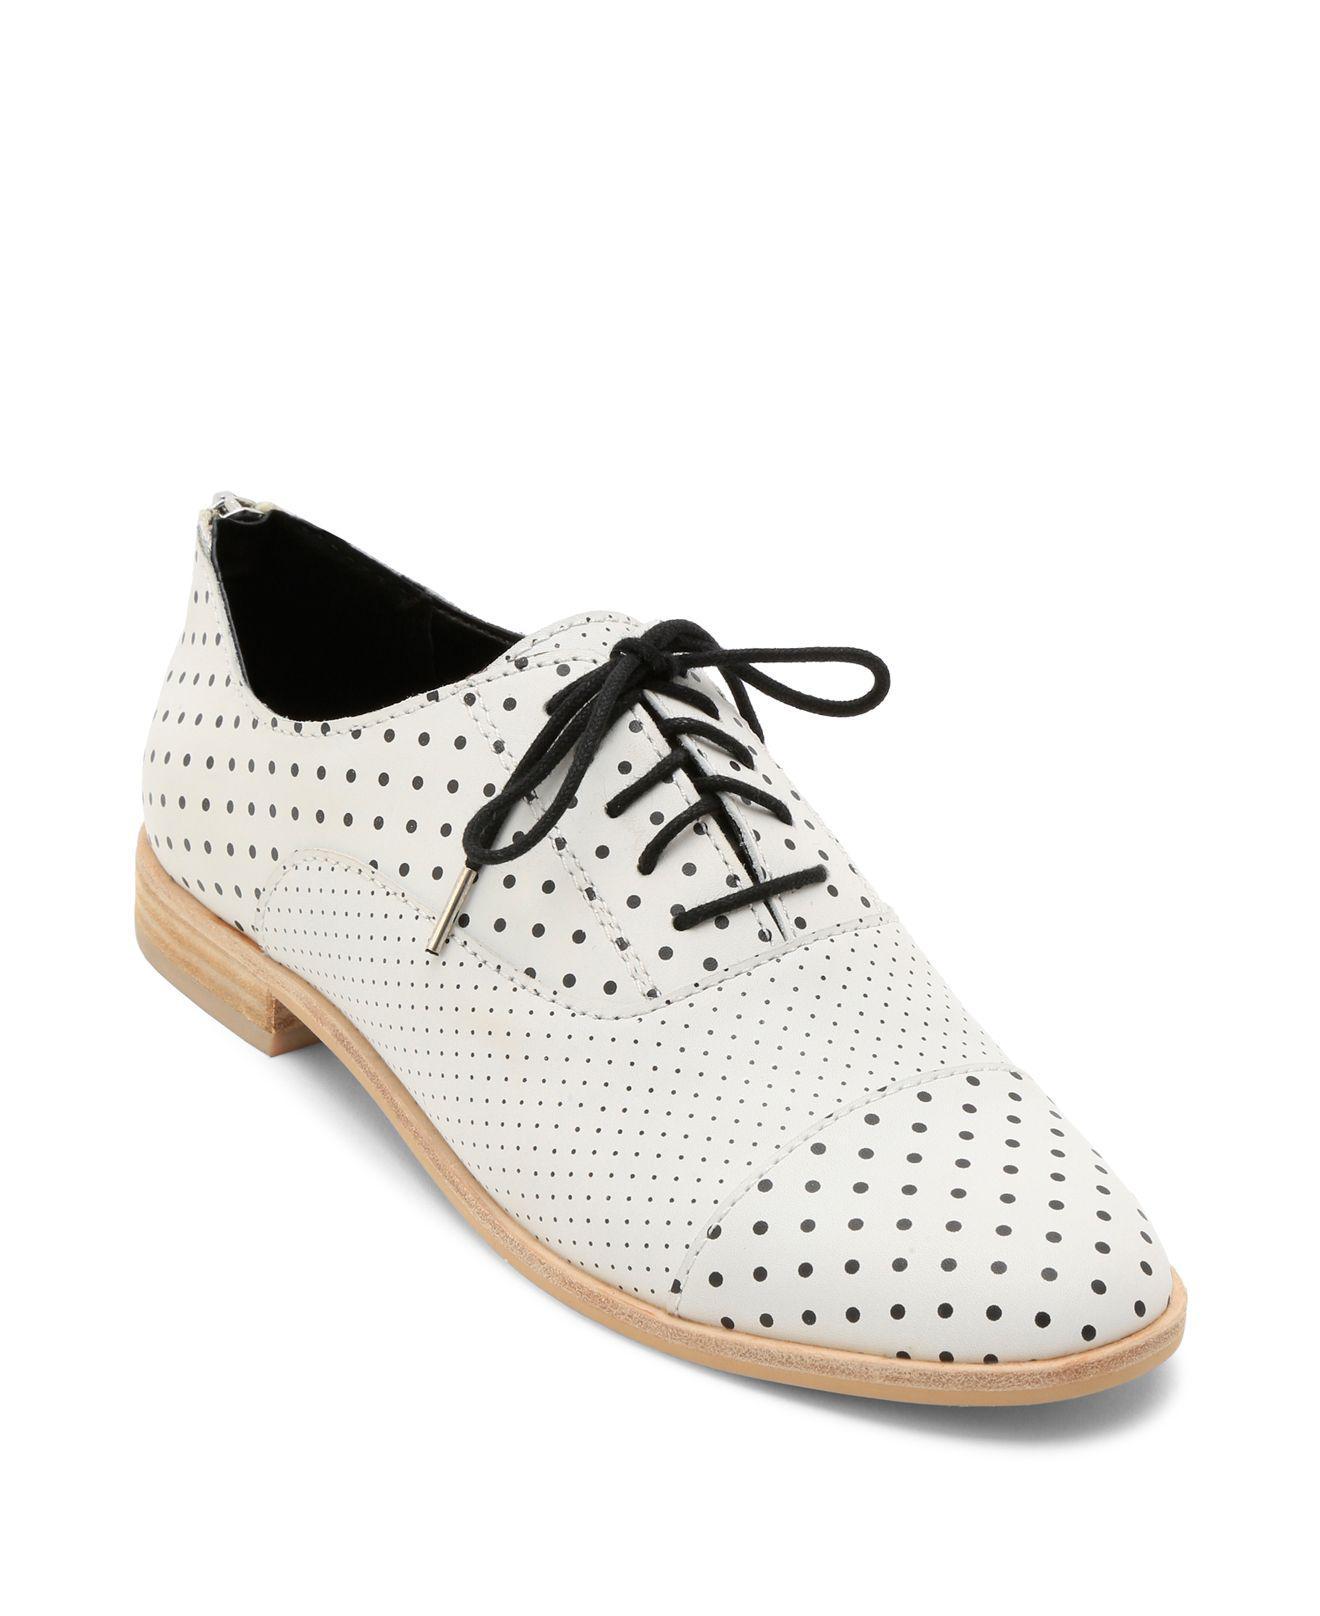 Dolce Vita Women's Polo Polka Dot Leather Oxfords qlm7EsC9n3